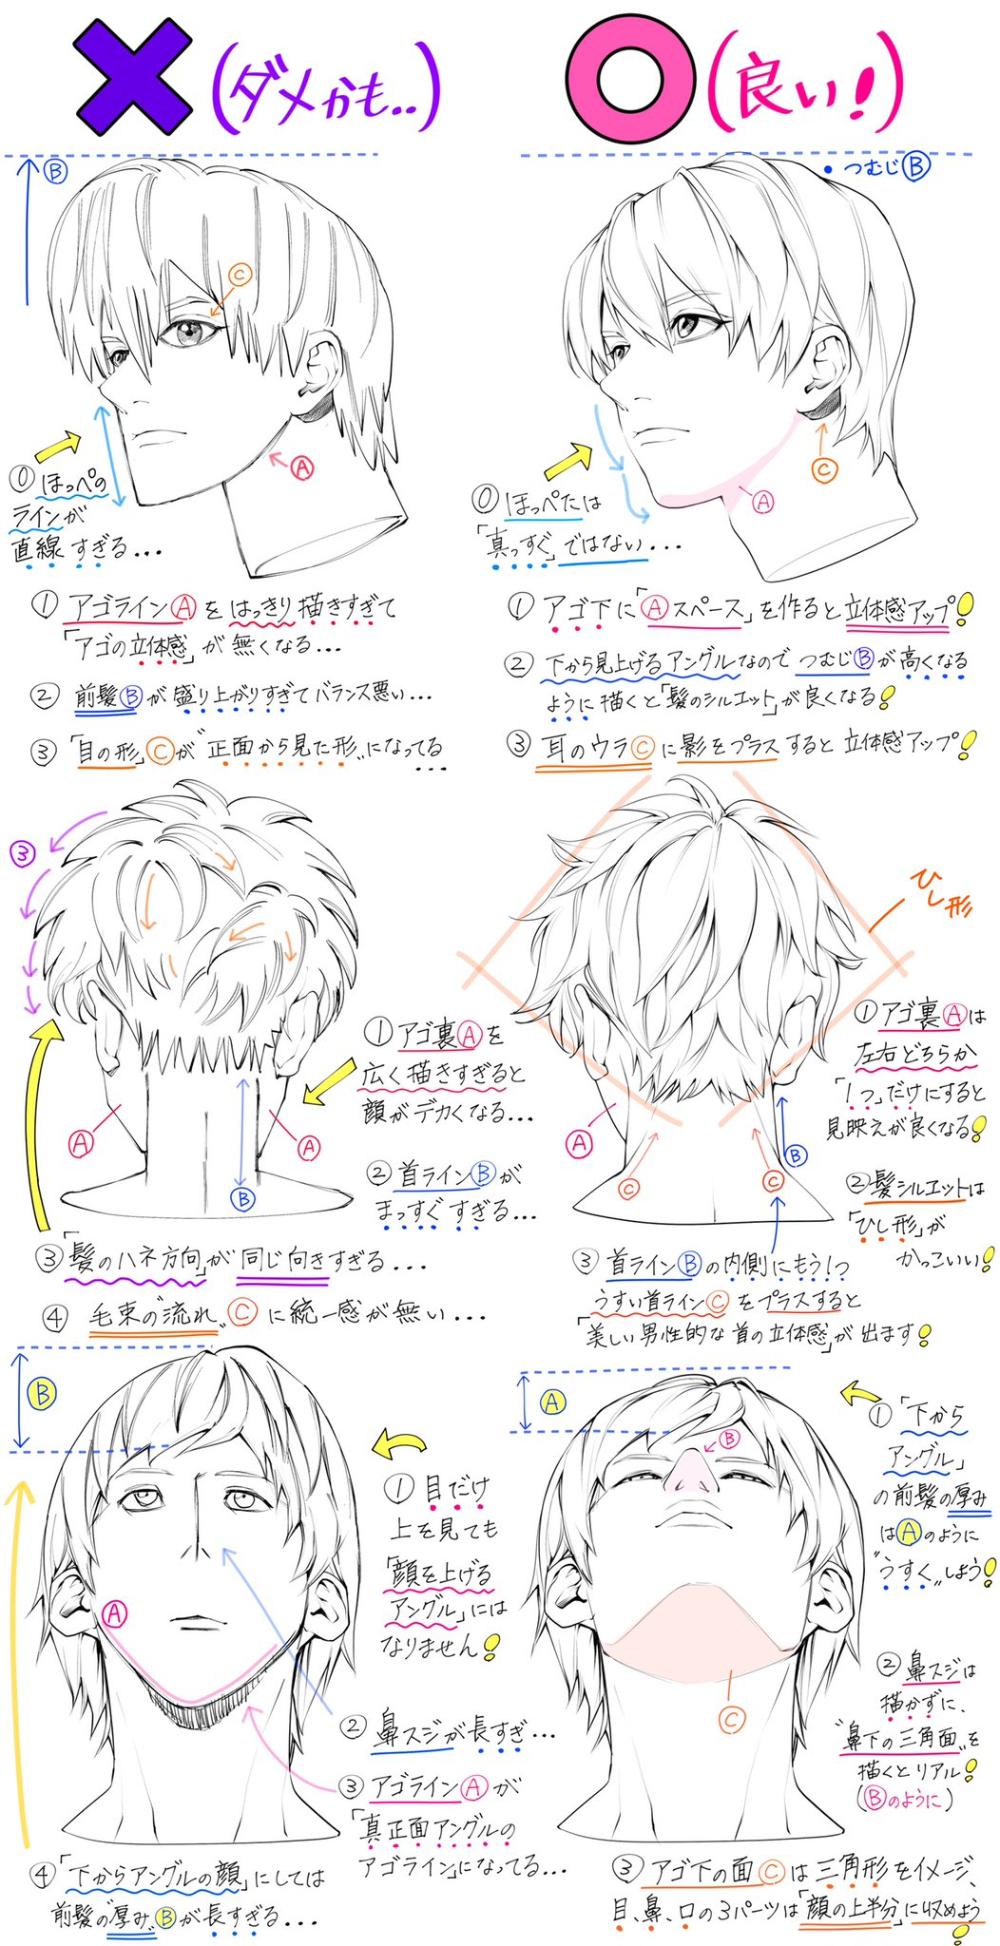 吉村拓也 イラスト講座 On Twitter In 2021 Art Reference Manga Drawing Tutorials Anime Drawings Tutorials